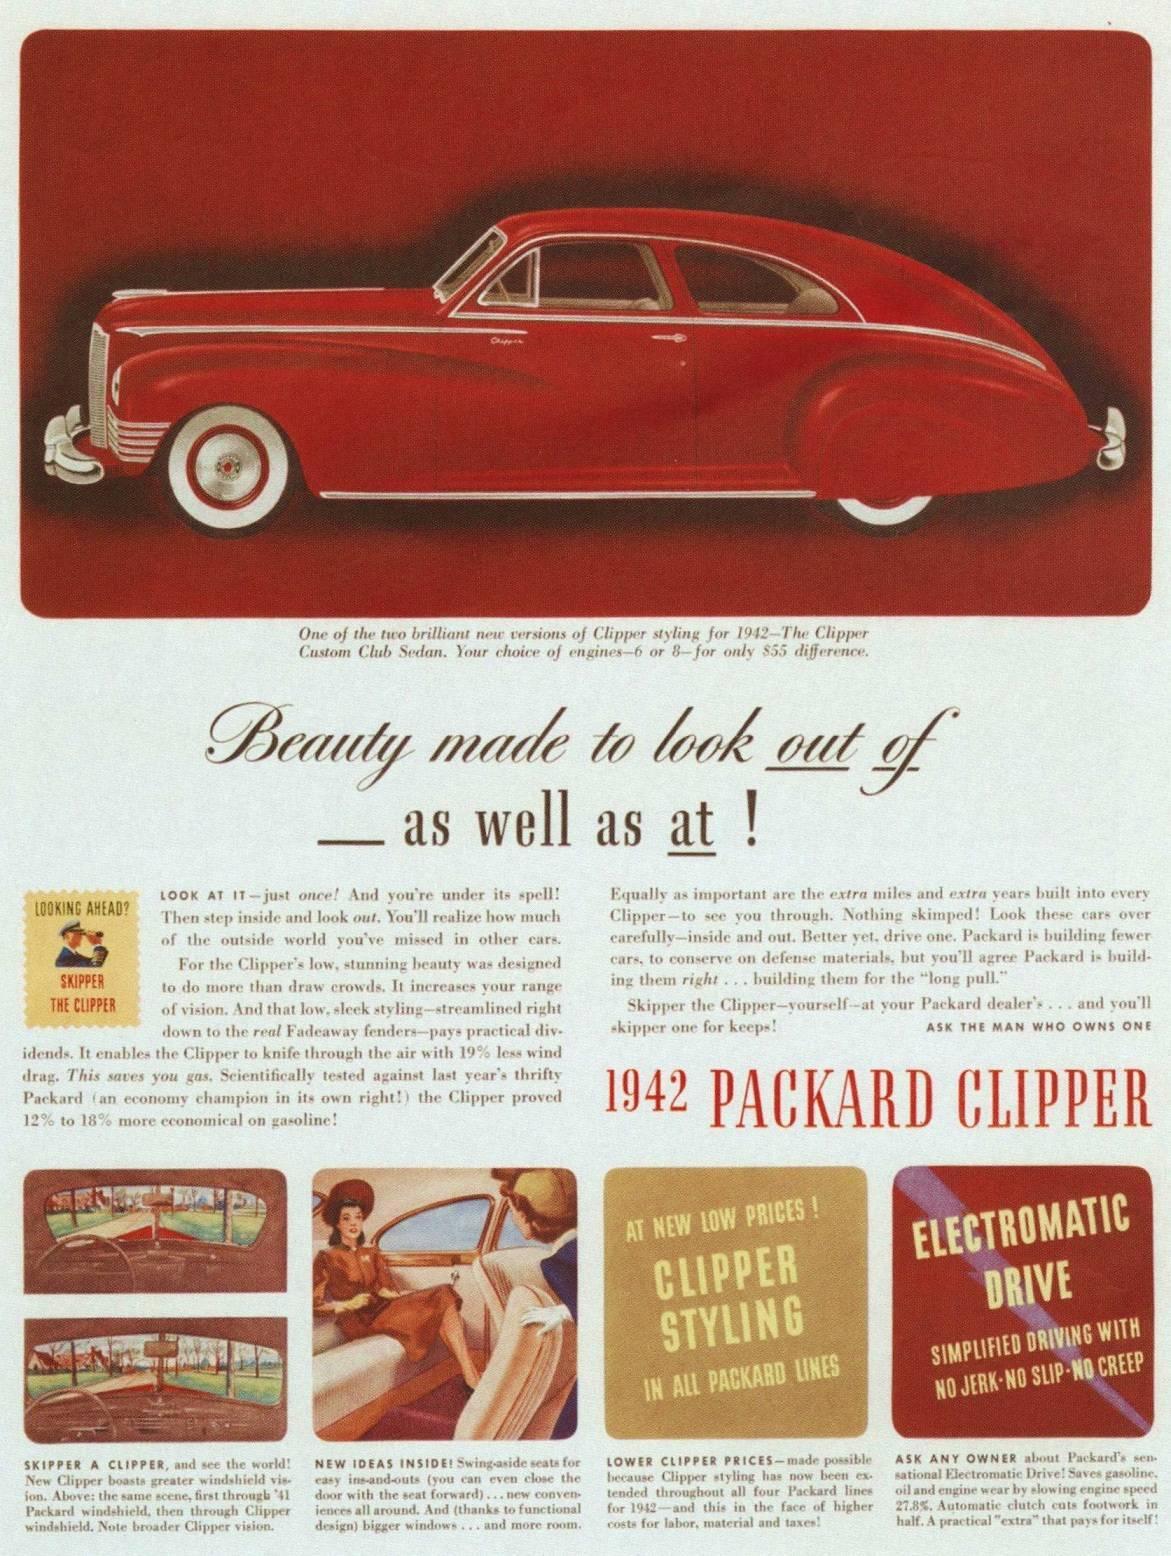 1942 PACKARD ADVERT